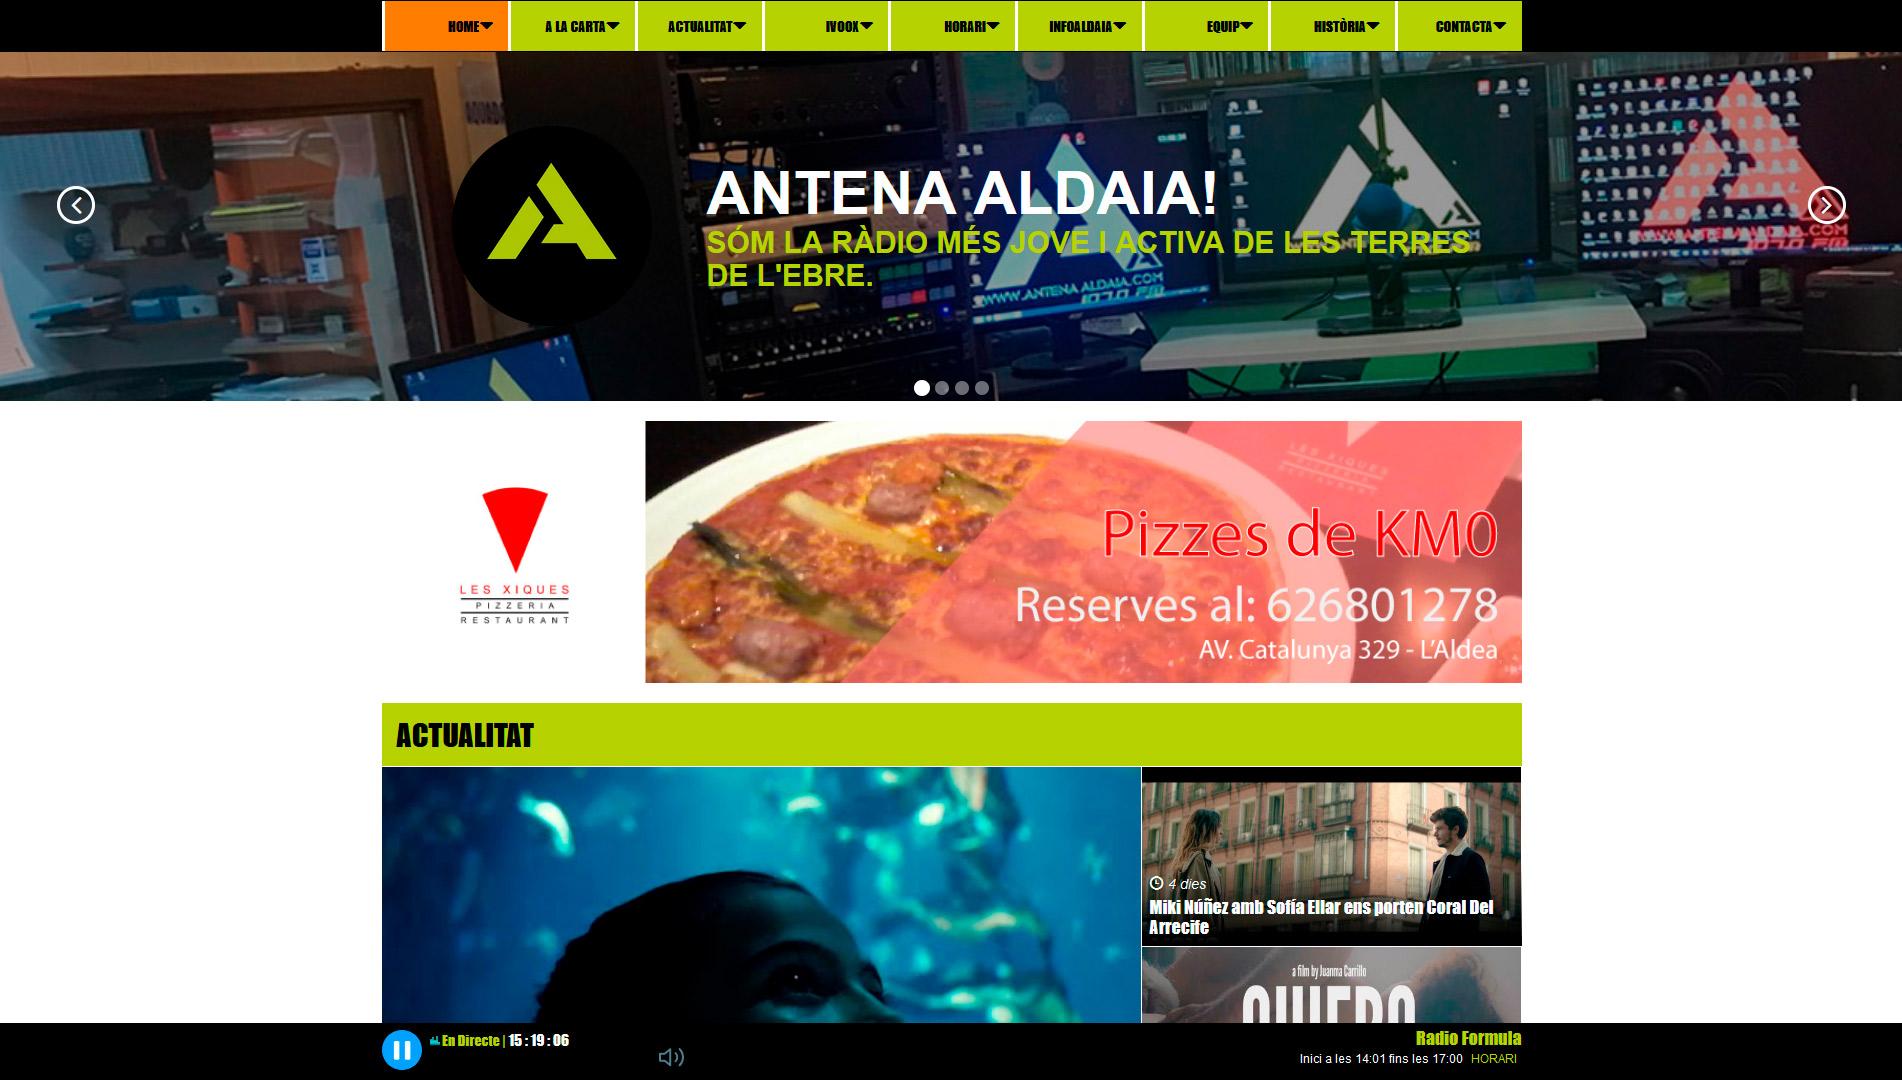 Antena Aldaia